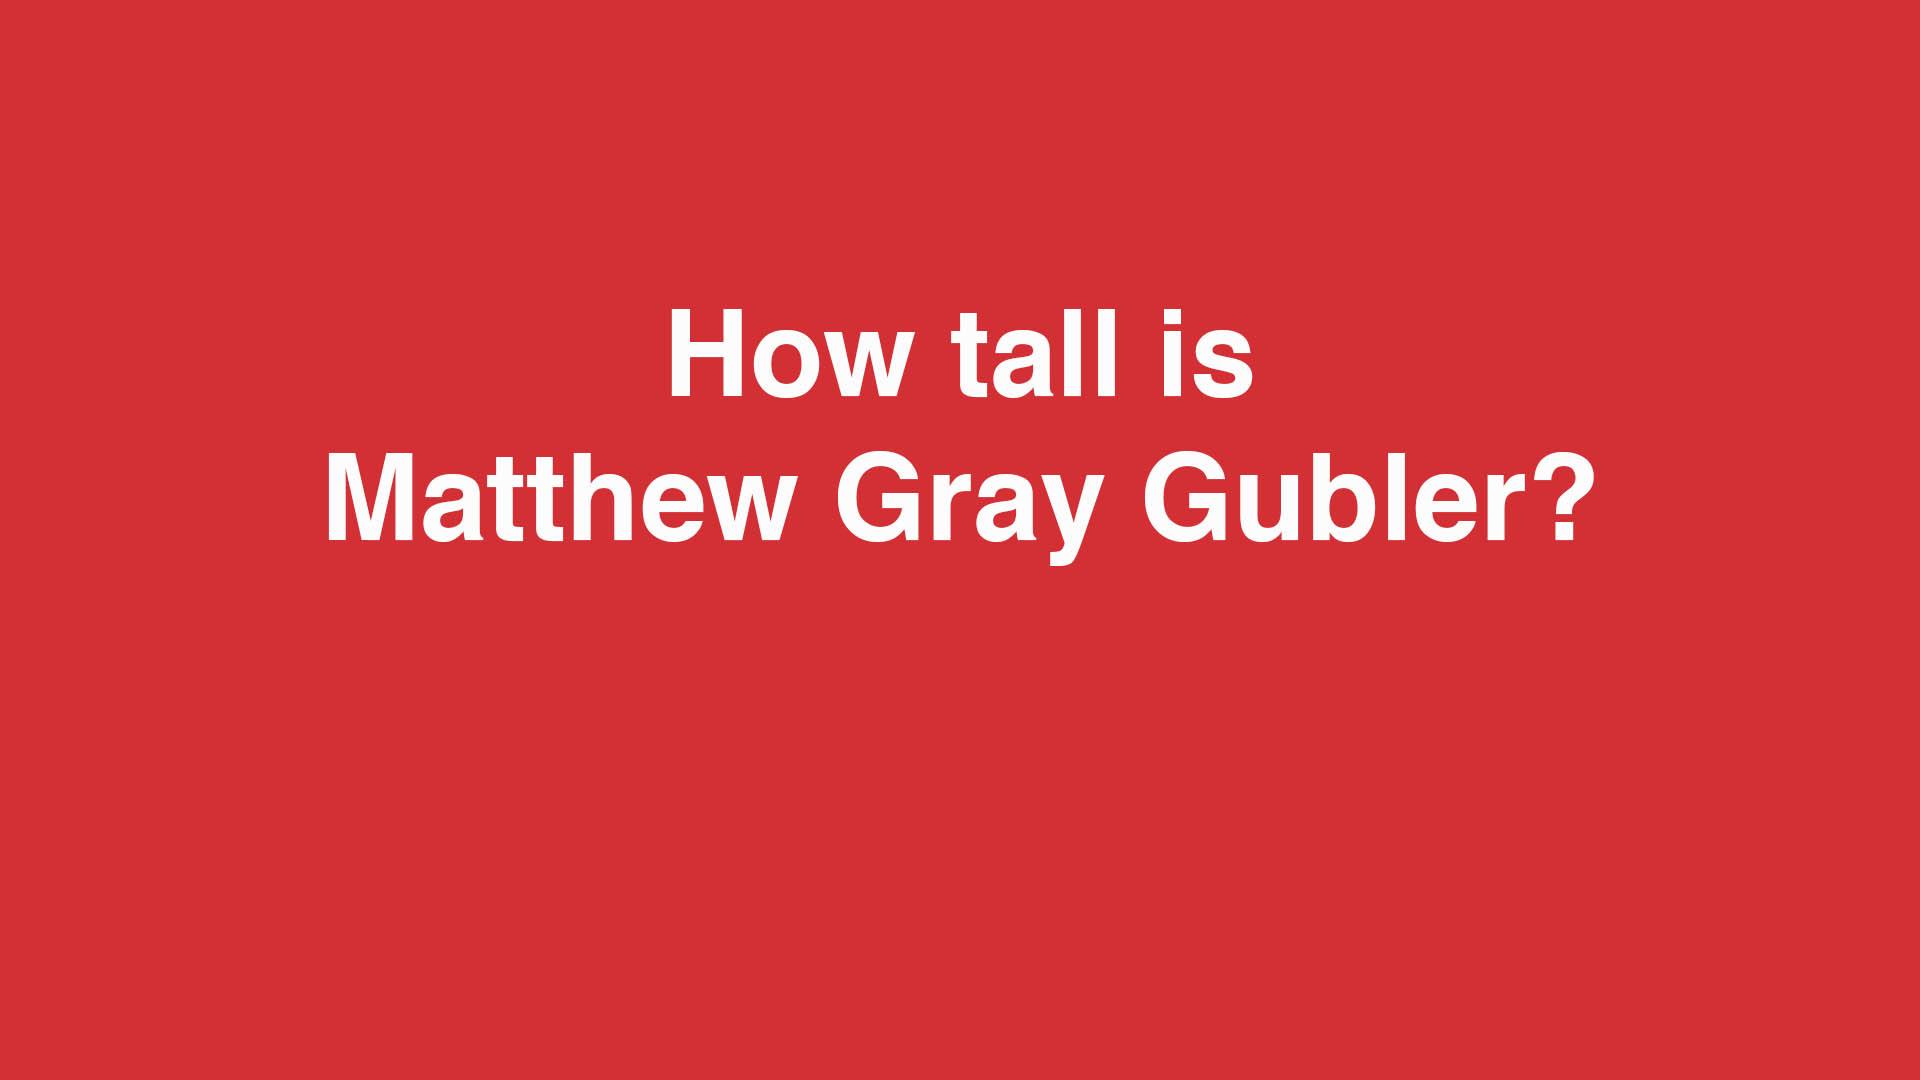 How tall is Matthew Gray Gubler?